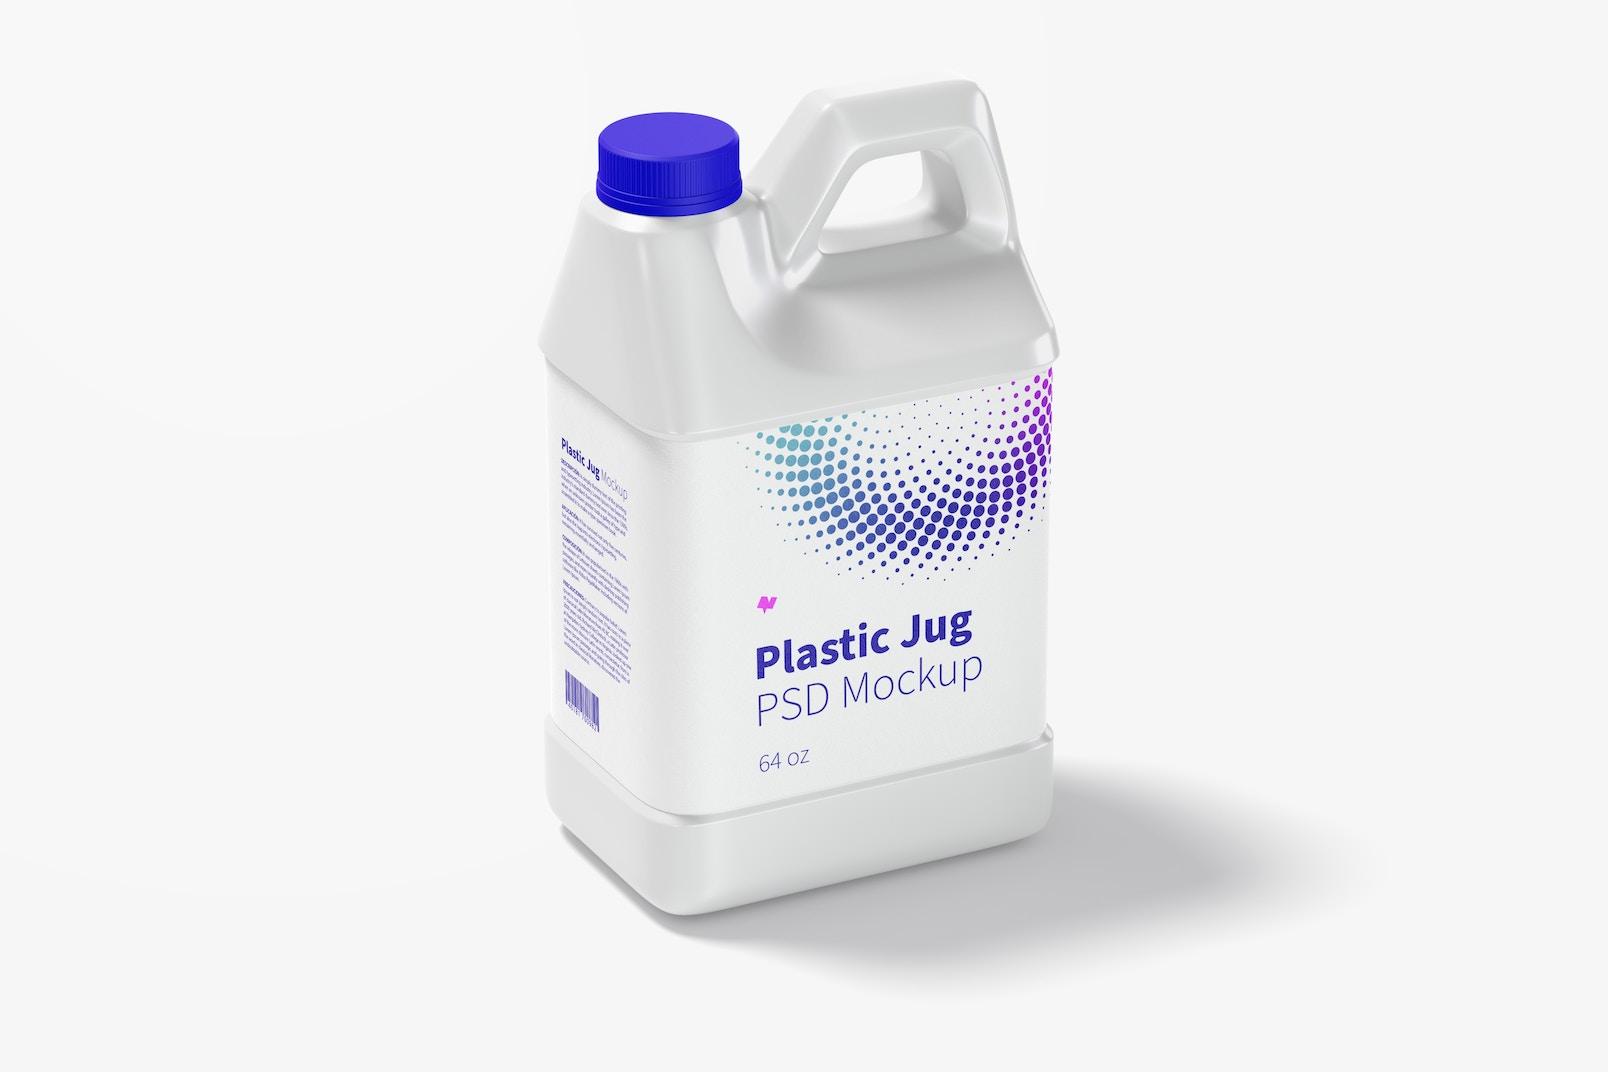 64 oz Plastic Jug Mockup